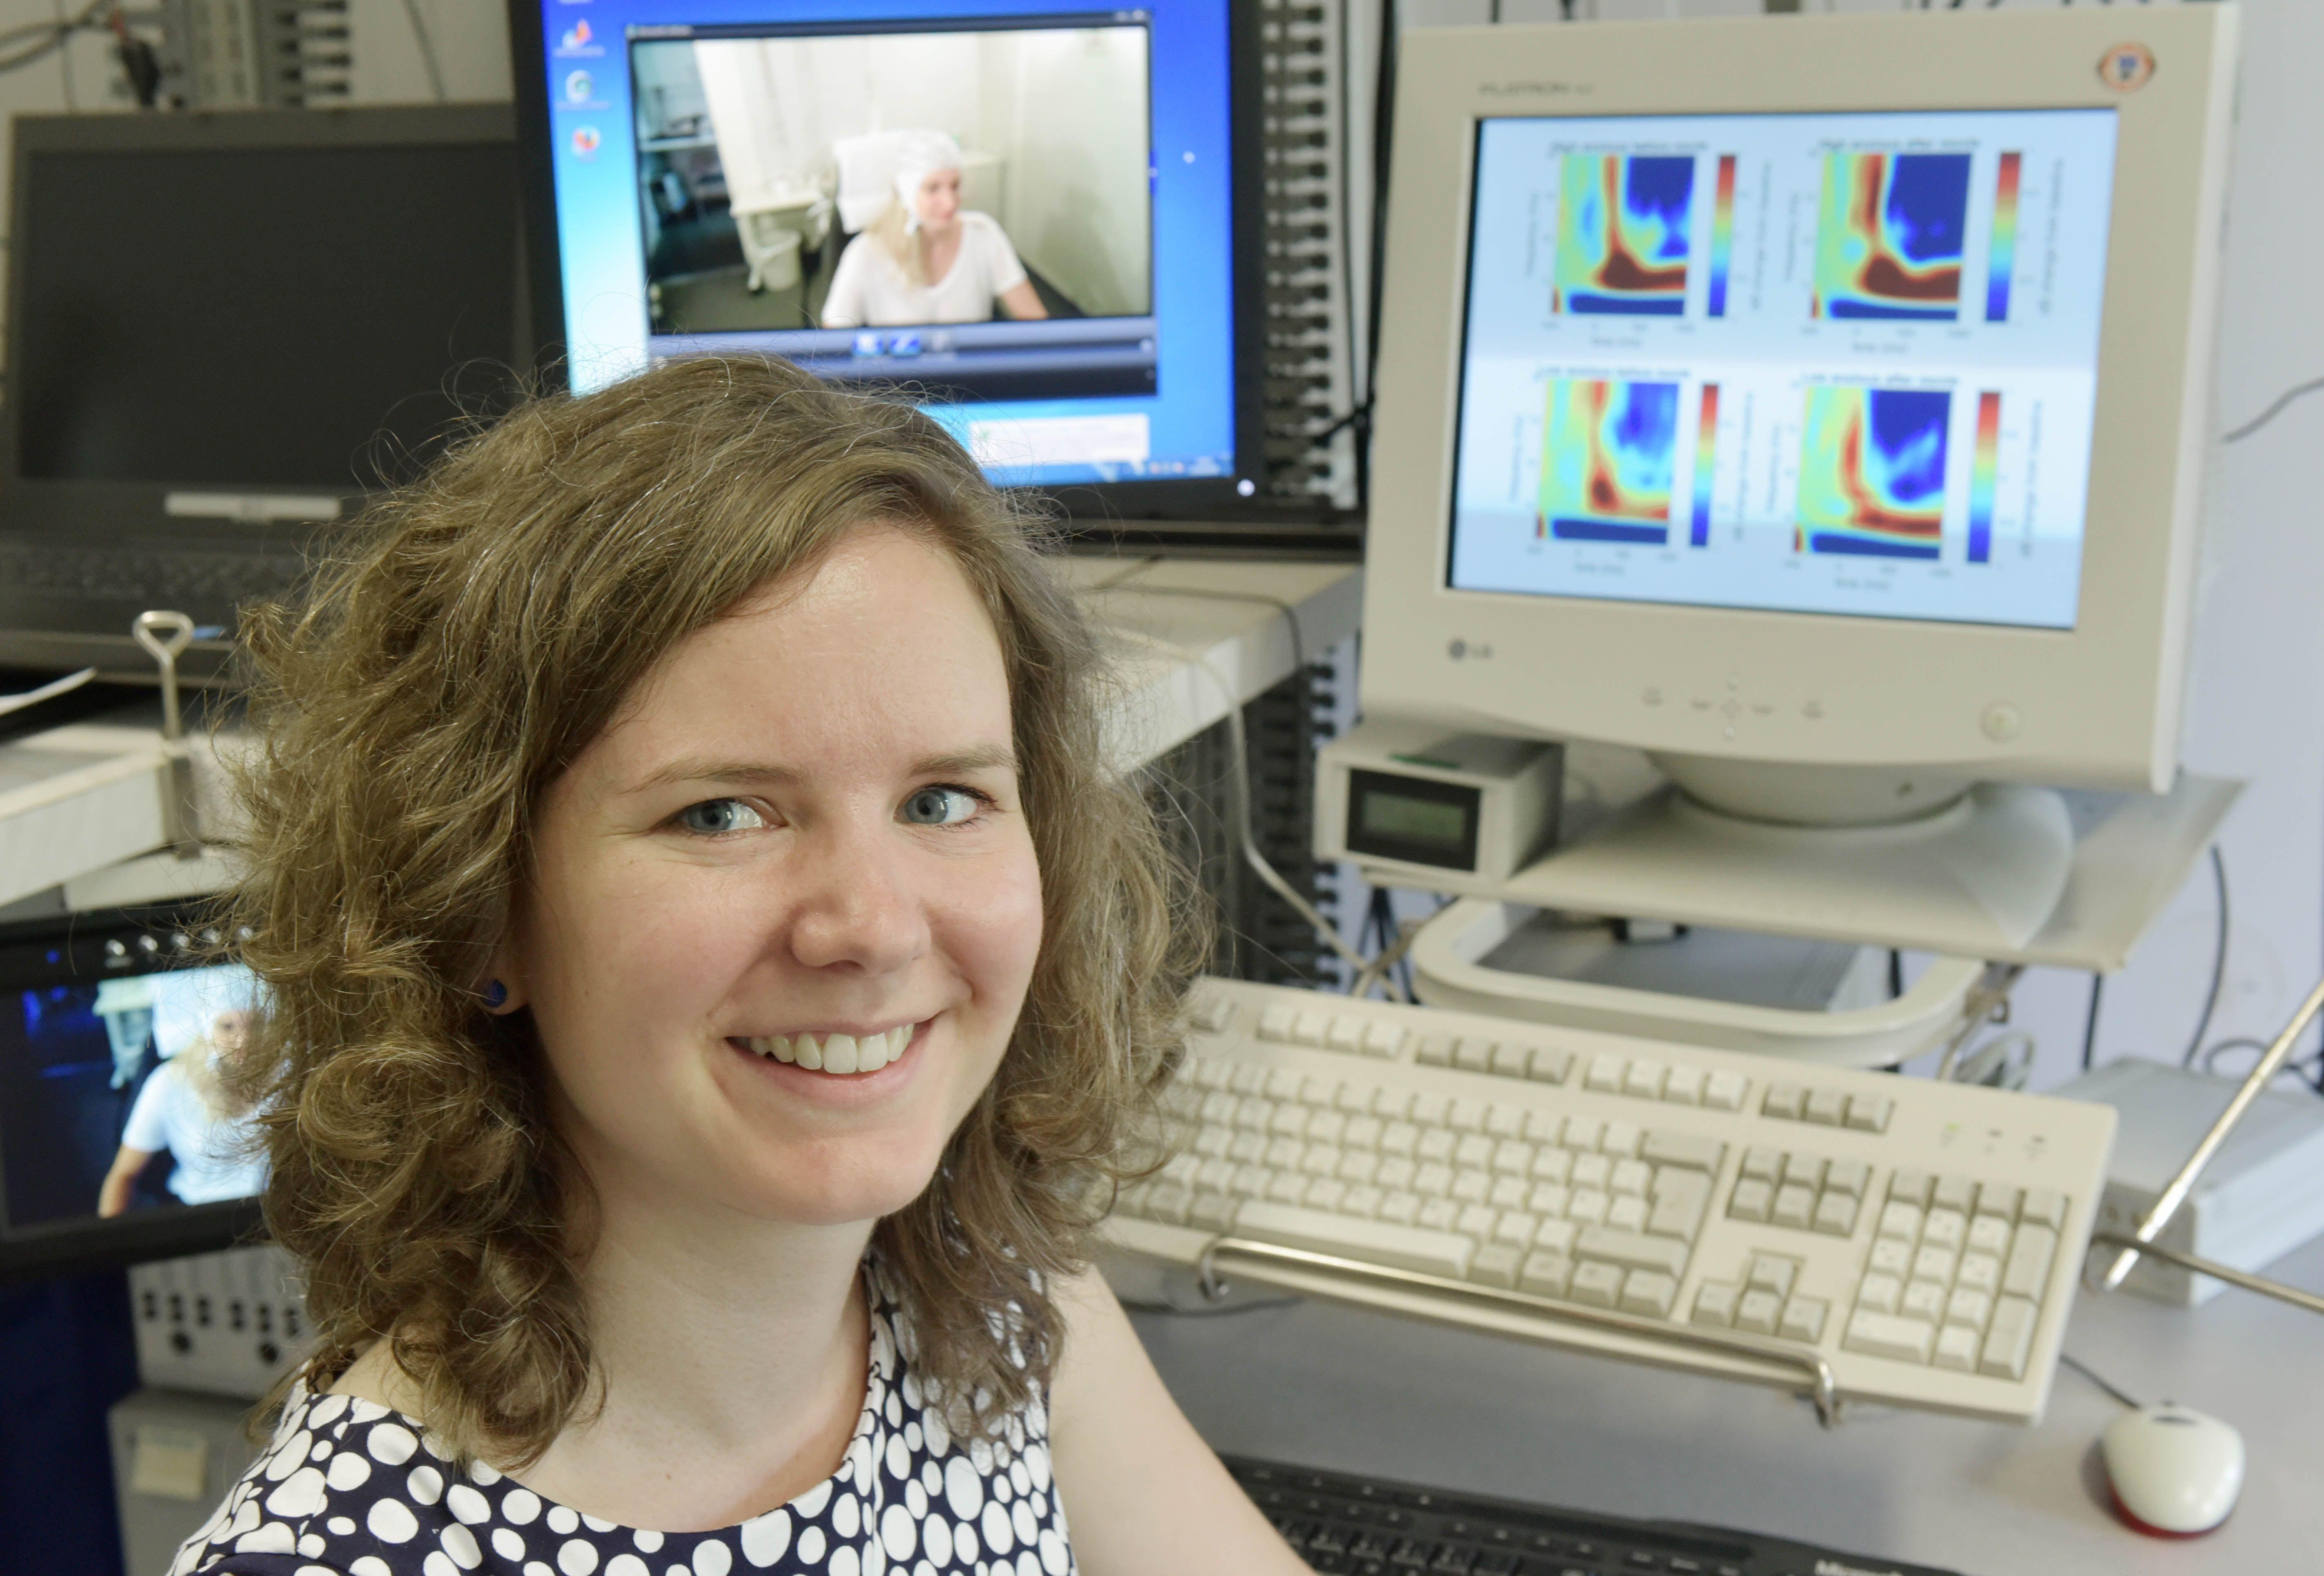 Los experimentos de Barbara Schmidt y el equipo muestran cómo usar los datos del EEG para predecir las decisiones que una persona tomará en situaciones específicas. Foto: Jan-Peter Kasper/FSU.